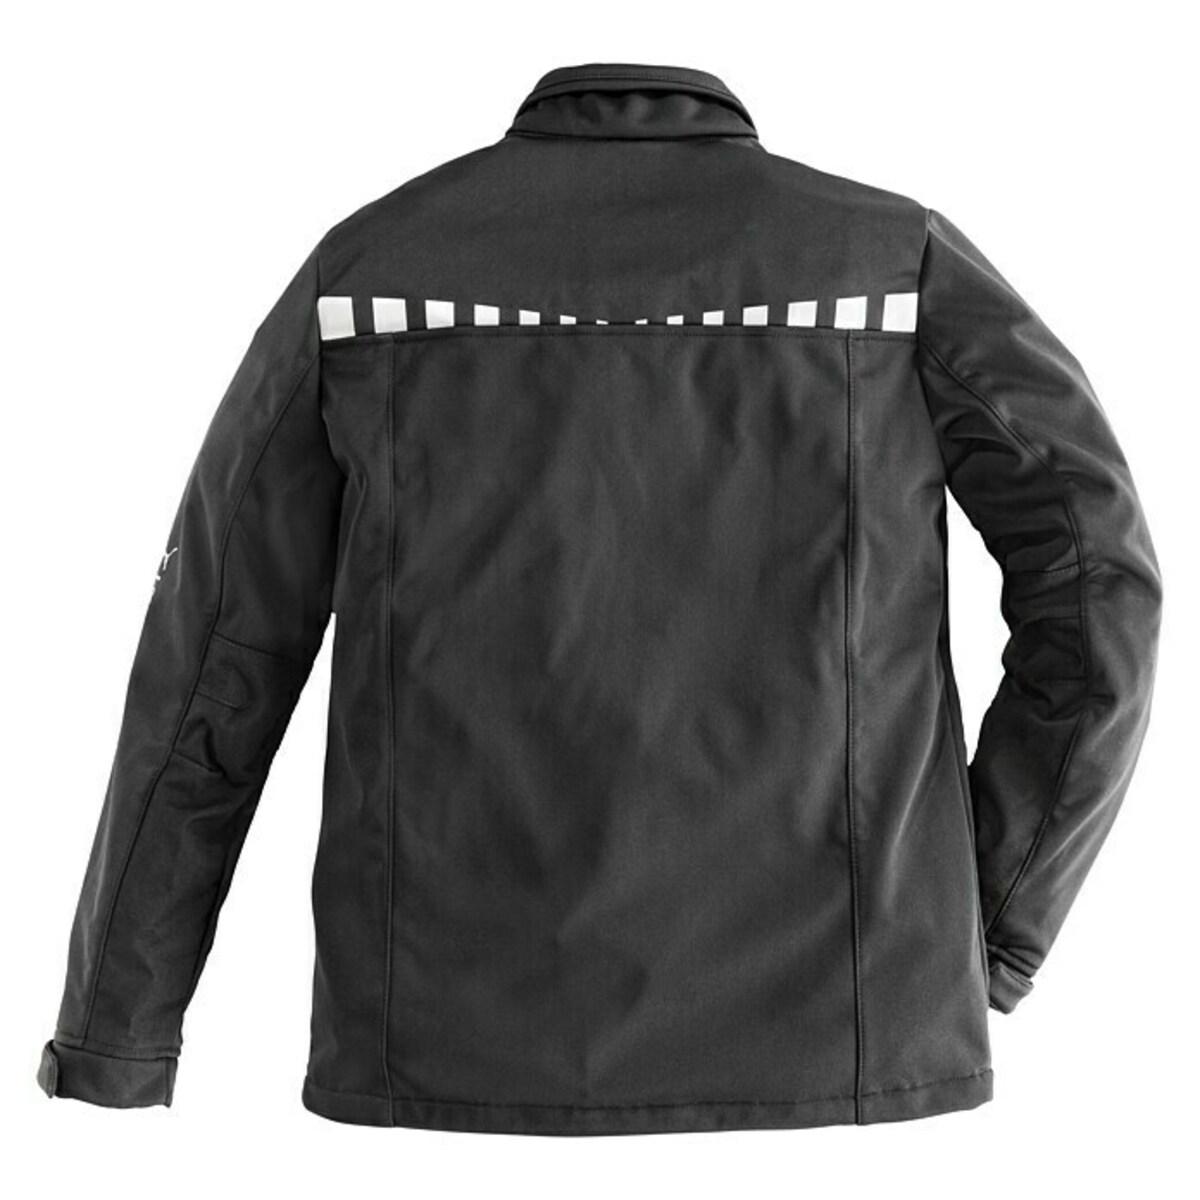 Bild 2 von Puma Workwear Softshell-Jacke Champ